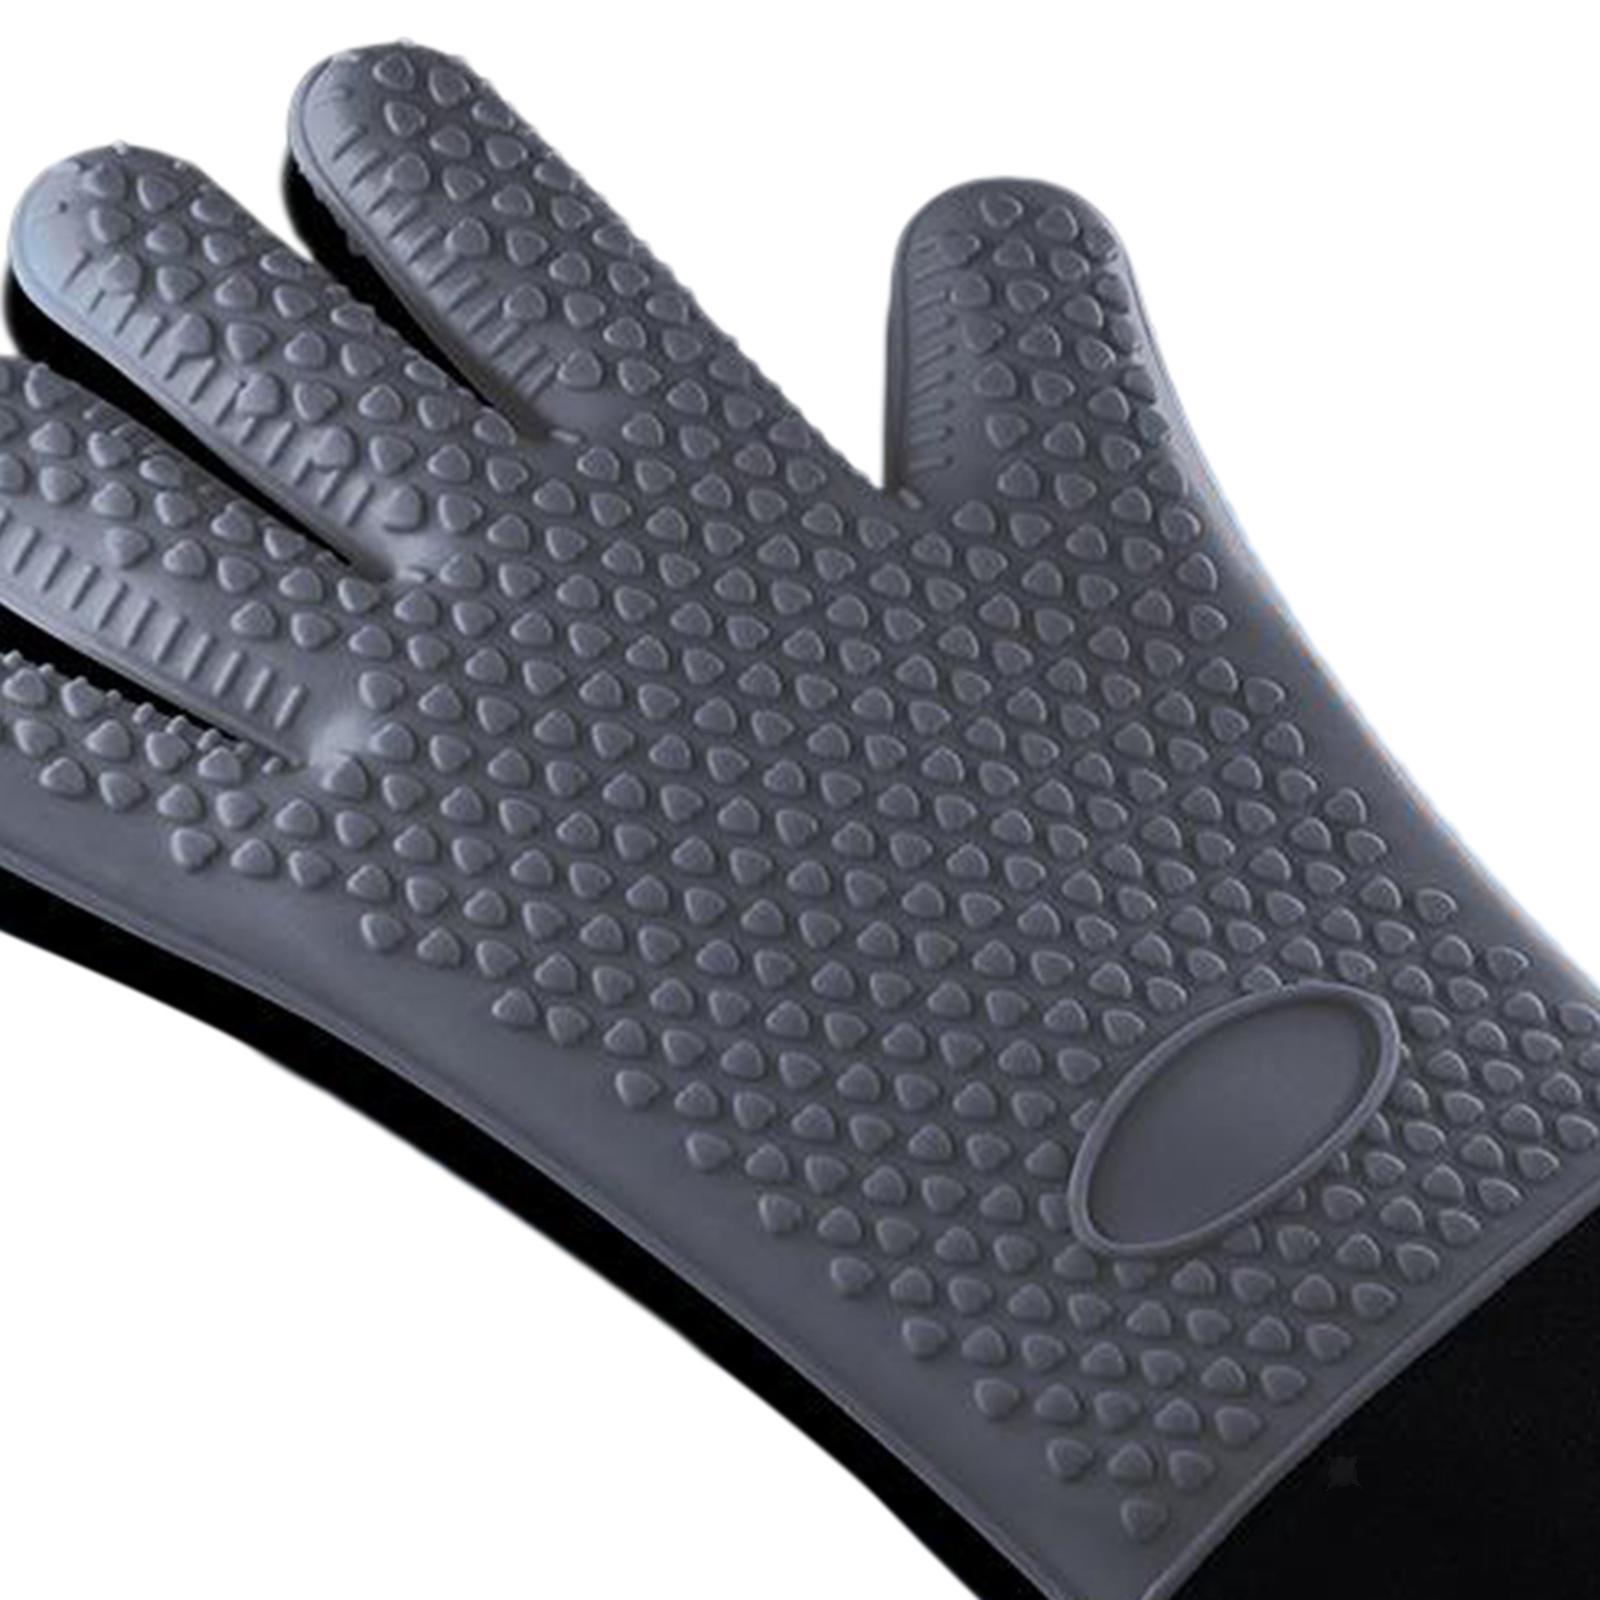 Guantes-para-horno-de-cocina-con-aislamiento-de-silicona-antideslizantes-guantes miniatura 6